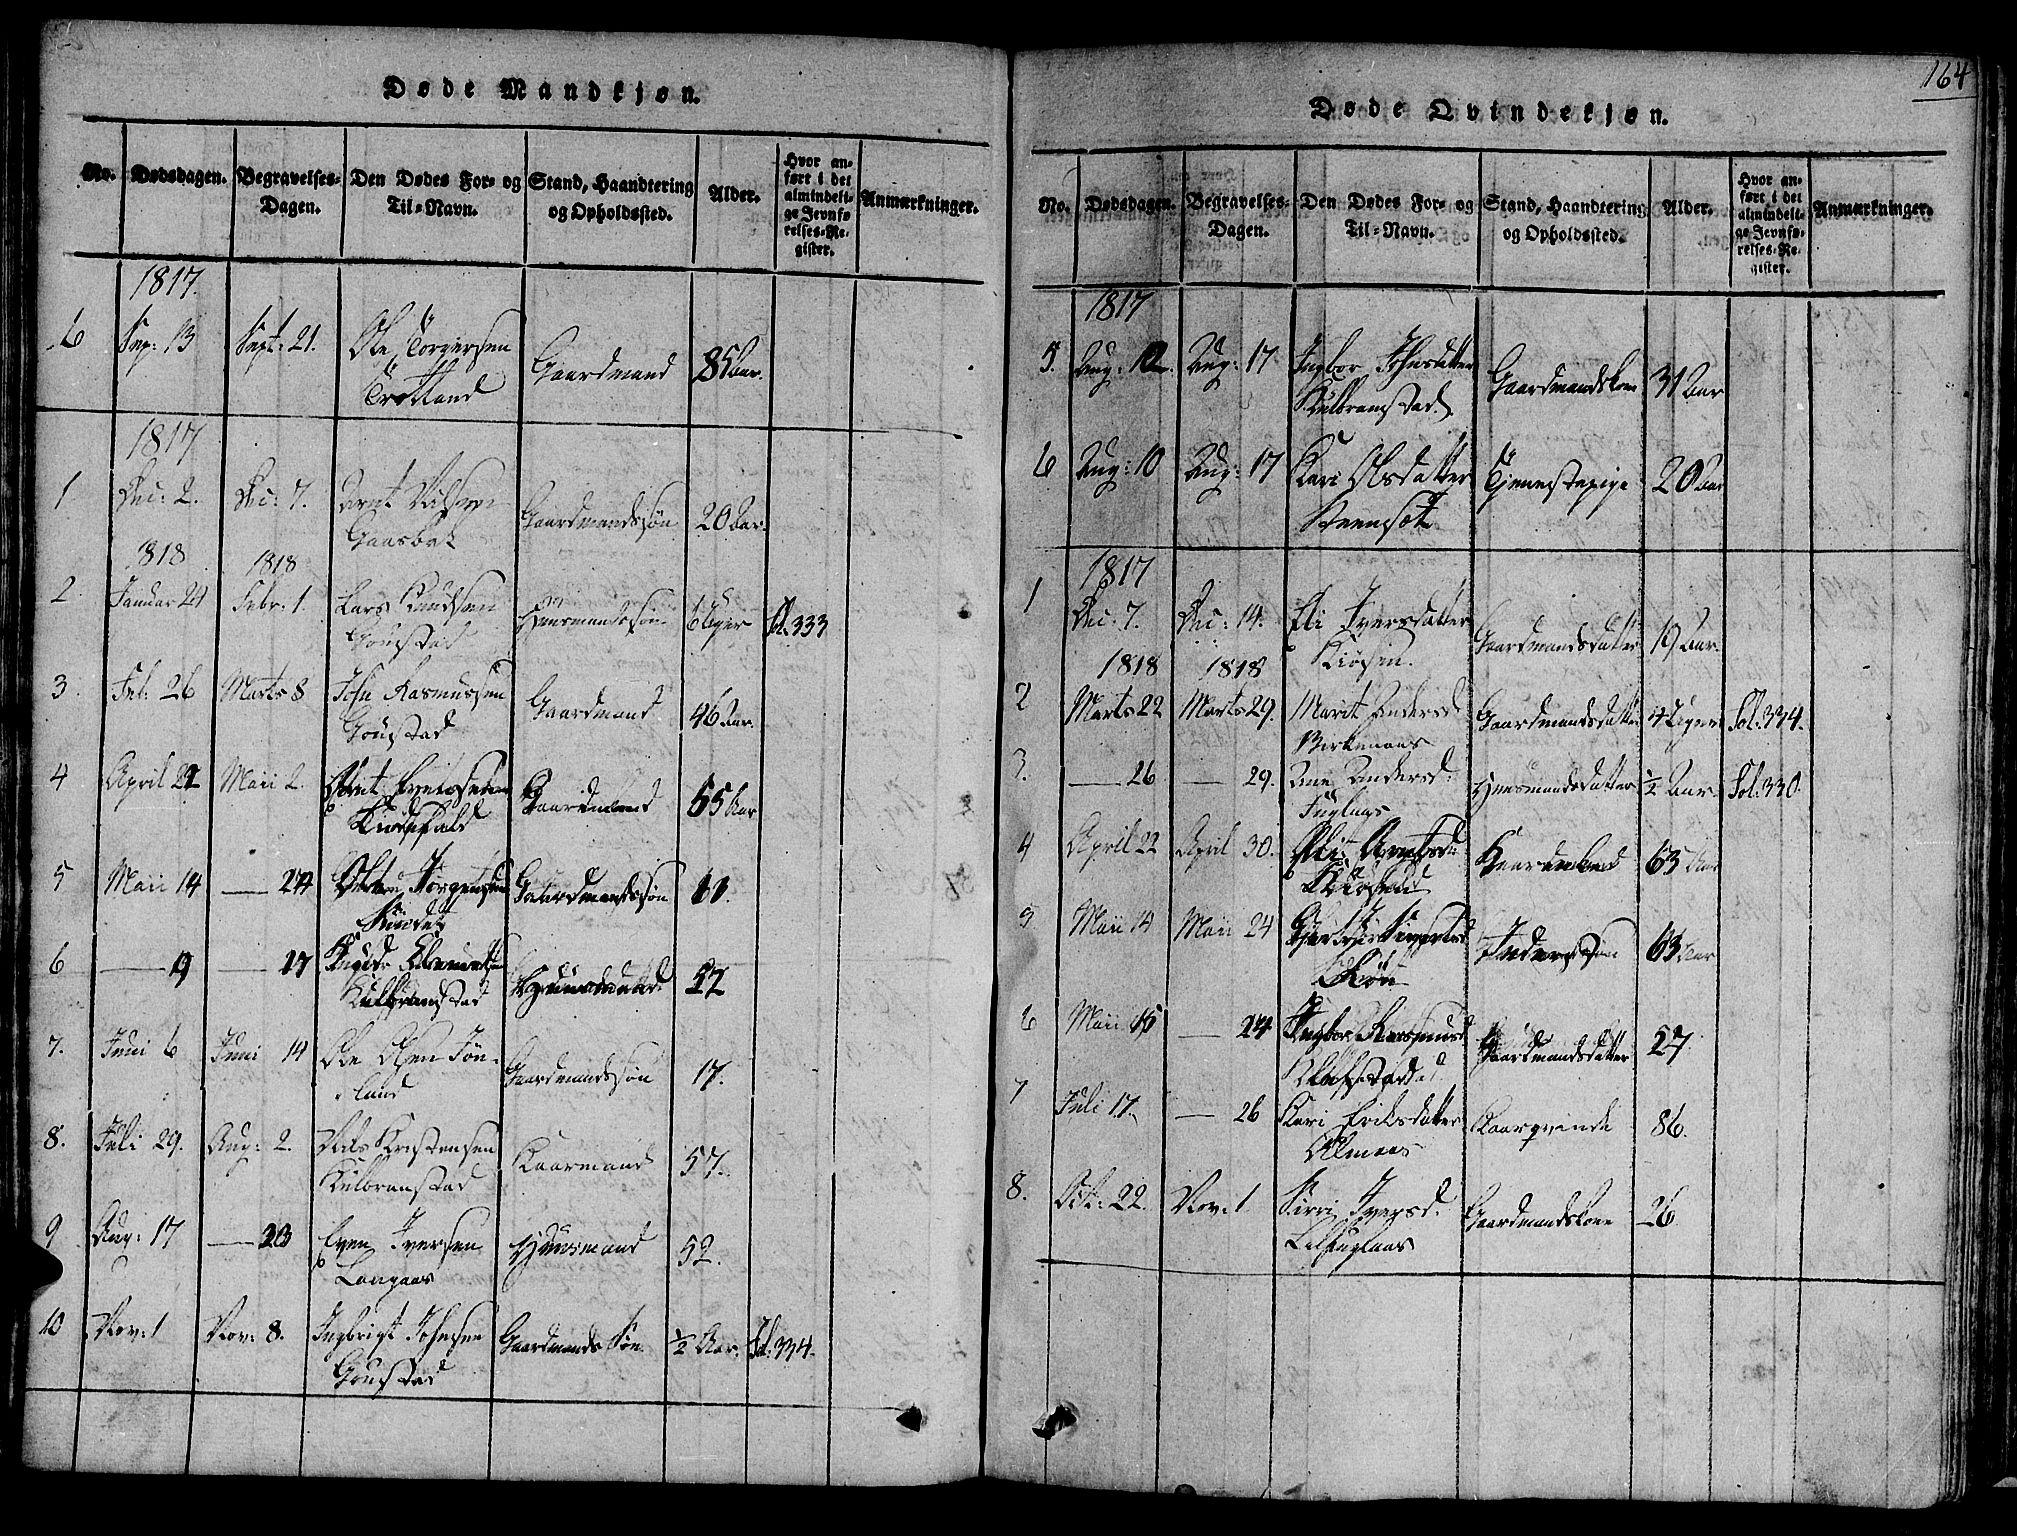 SAT, Ministerialprotokoller, klokkerbøker og fødselsregistre - Sør-Trøndelag, 691/L1068: Ministerialbok nr. 691A03 /4, 1816-1826, s. 164